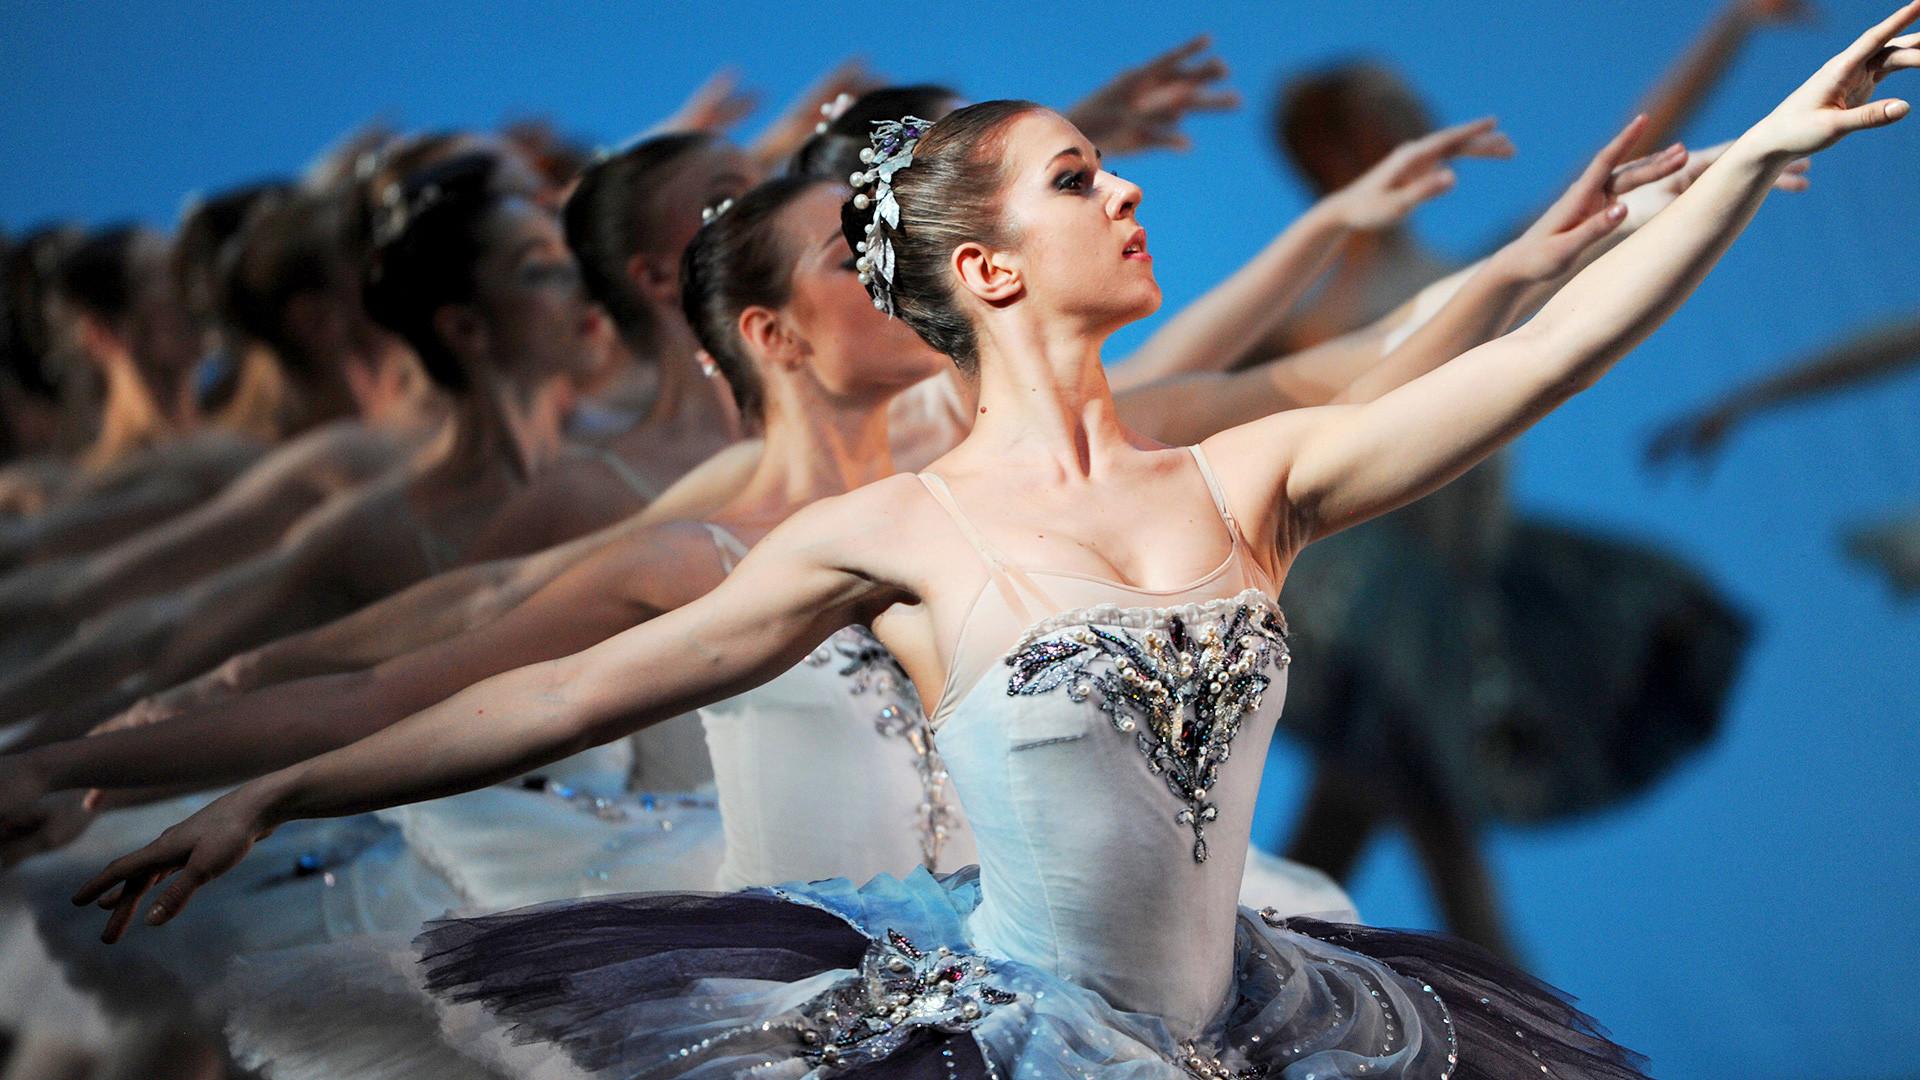 Une scène du ballet La Symphonie en ut majeur (chorégraphe George Balanchine) par la troupe du théâtre Mariinsky au Bolchoï.